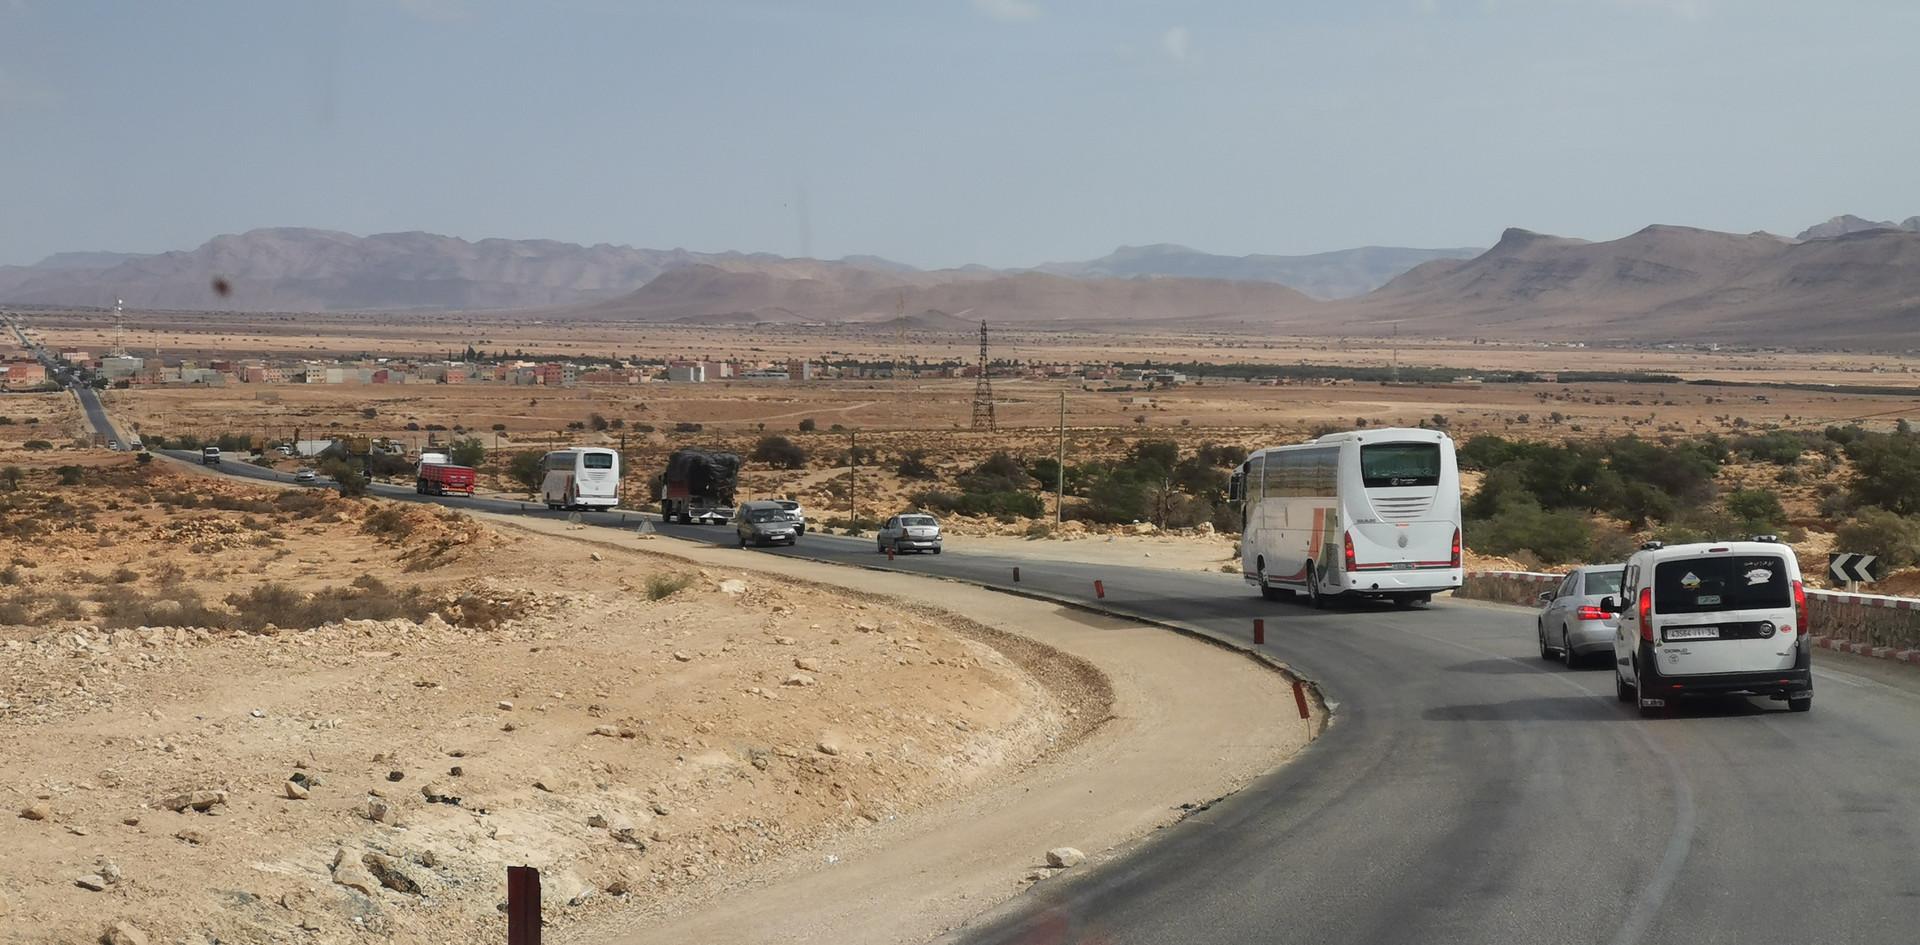 descente de Guelmim, Maroc